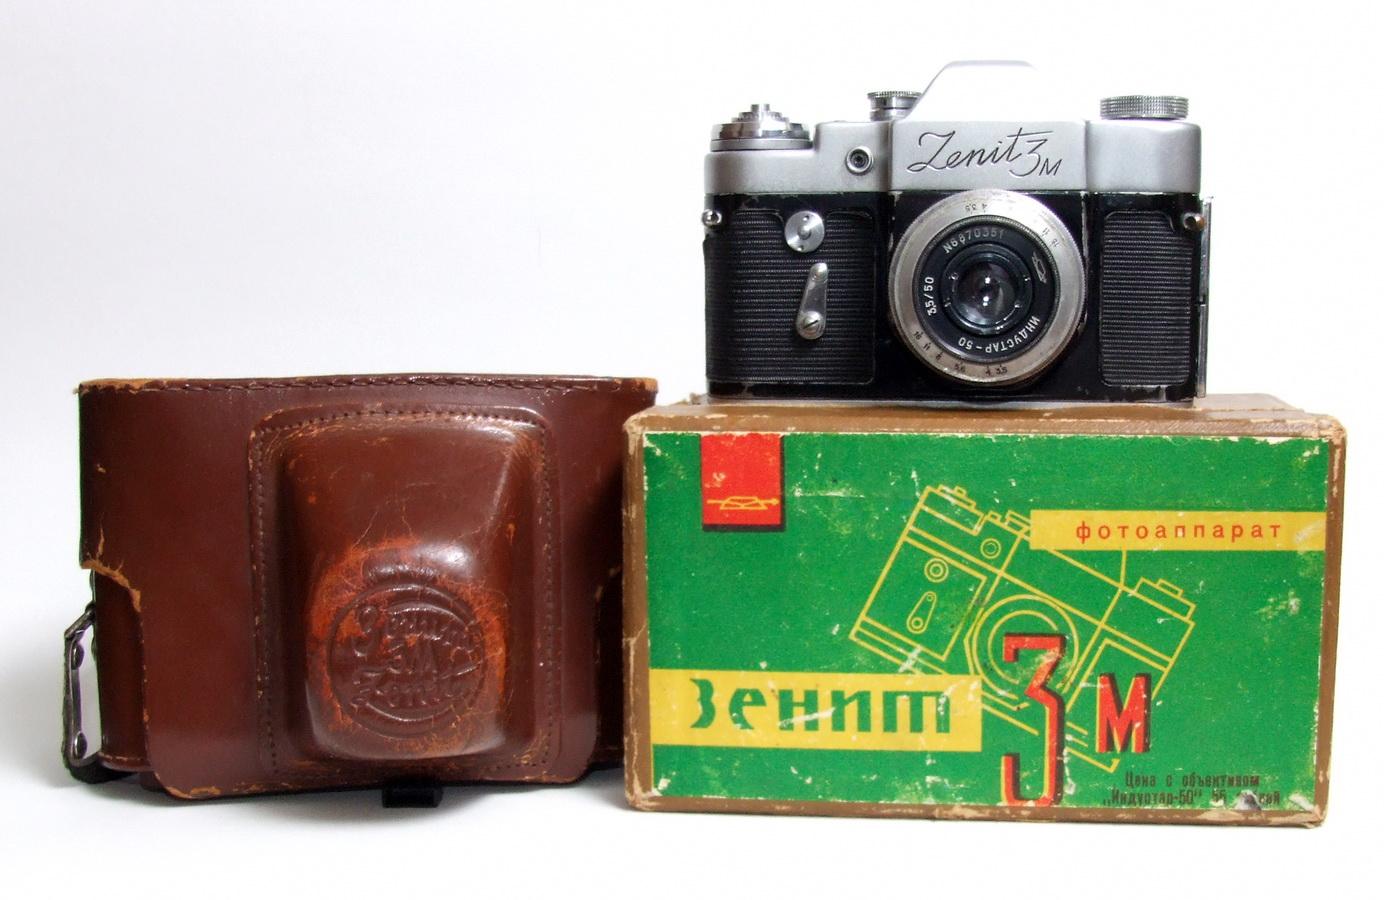 самый дорогой фотоаппарат собранный в ссср маневренный байк бешеной